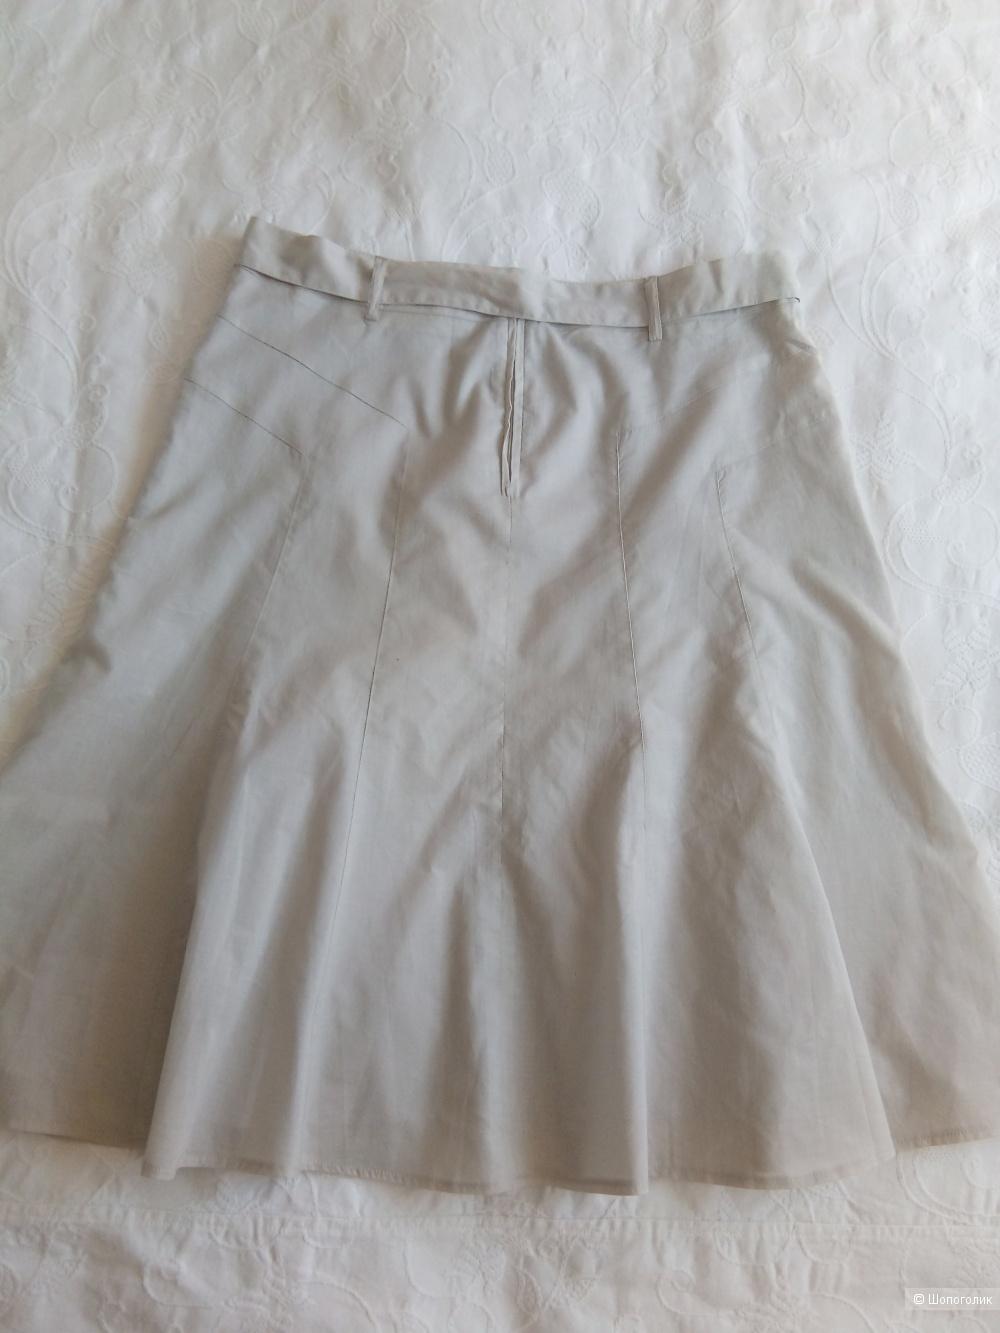 Сэт из 2-х женских юбок  46-48 размера  Bexleys  Woman ( Германия)  40-42